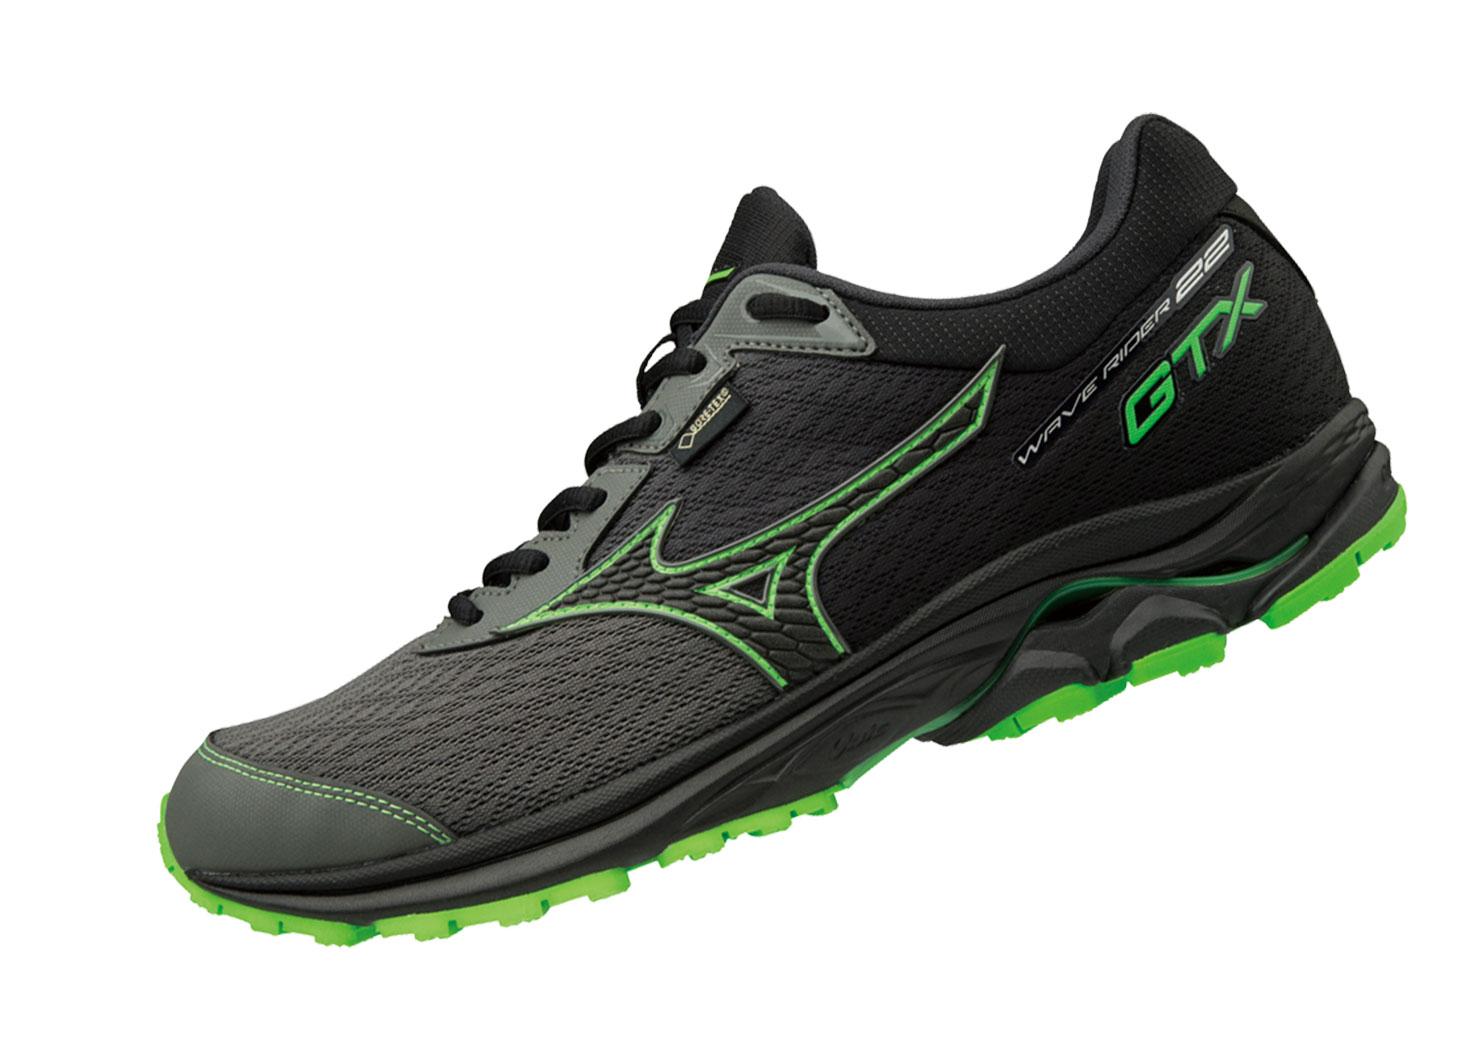 Buty do biegania w terenie, duże buty do biegania w terenie